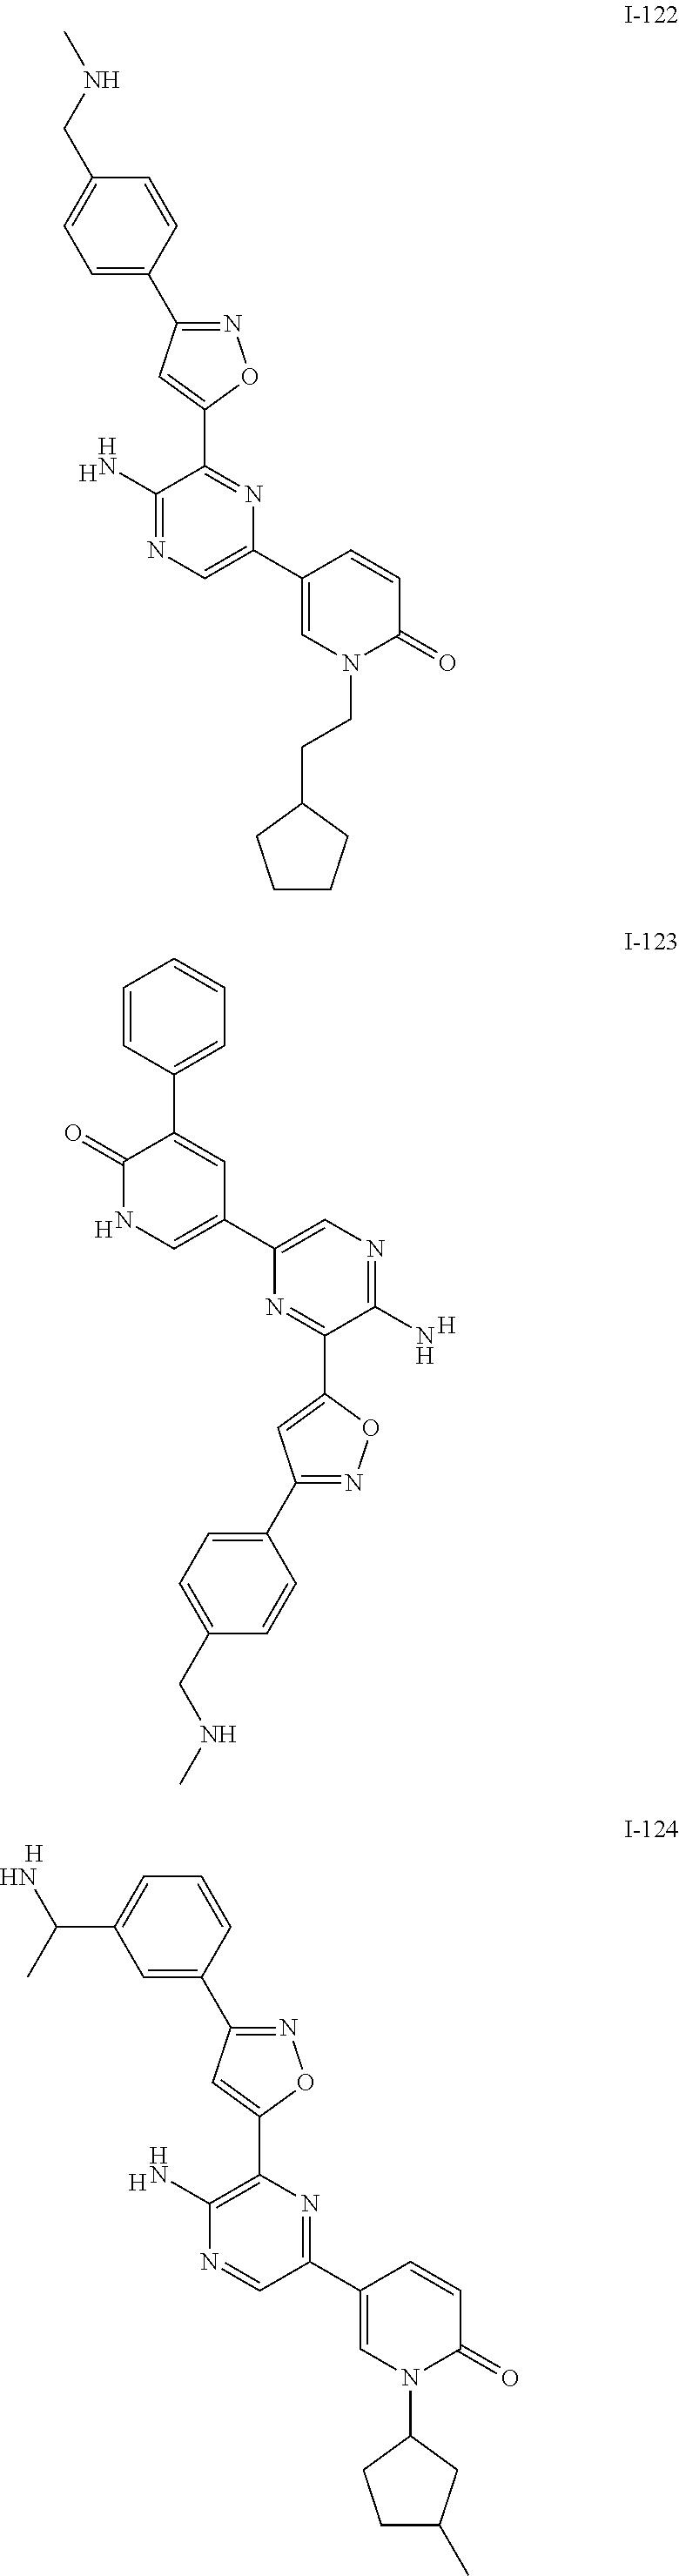 Figure US09630956-20170425-C00259